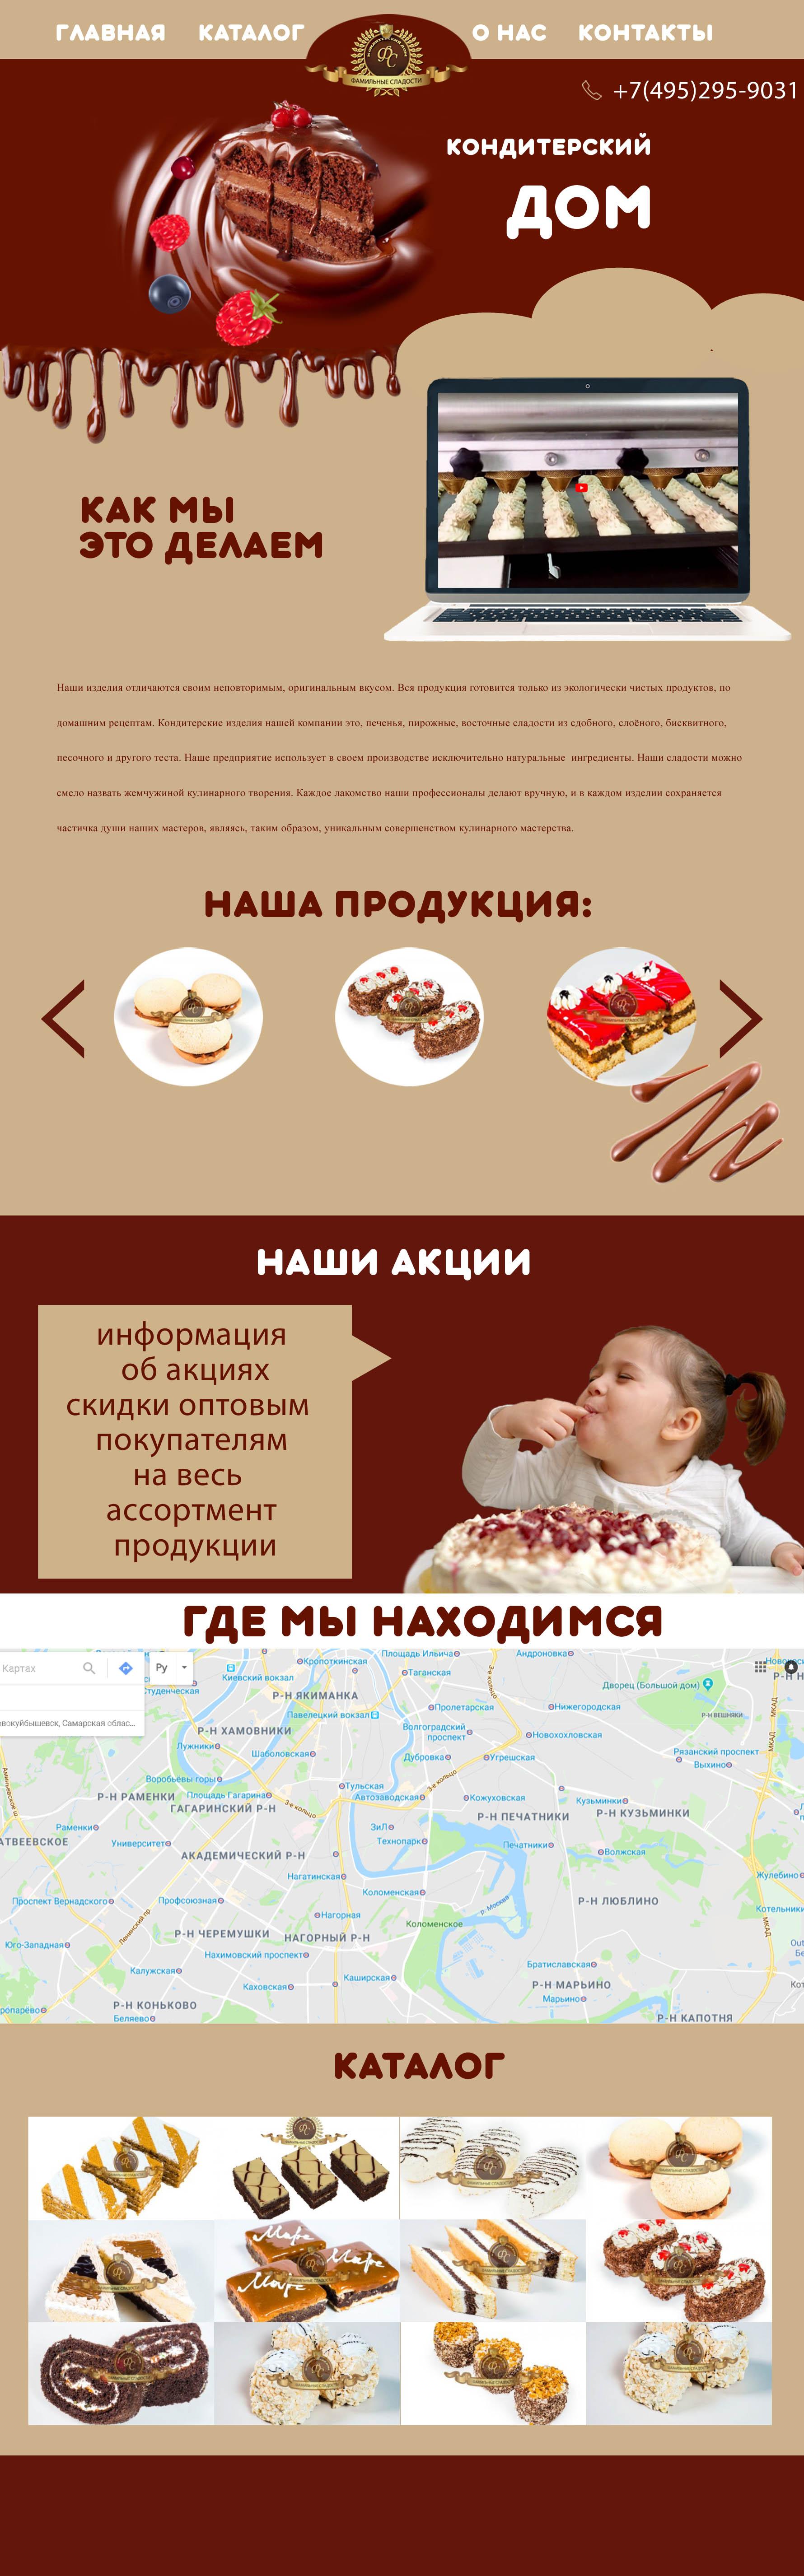 Редизайн главной страницы сайта кондитерского производства фото f_5705aa1d12dc3677.jpg